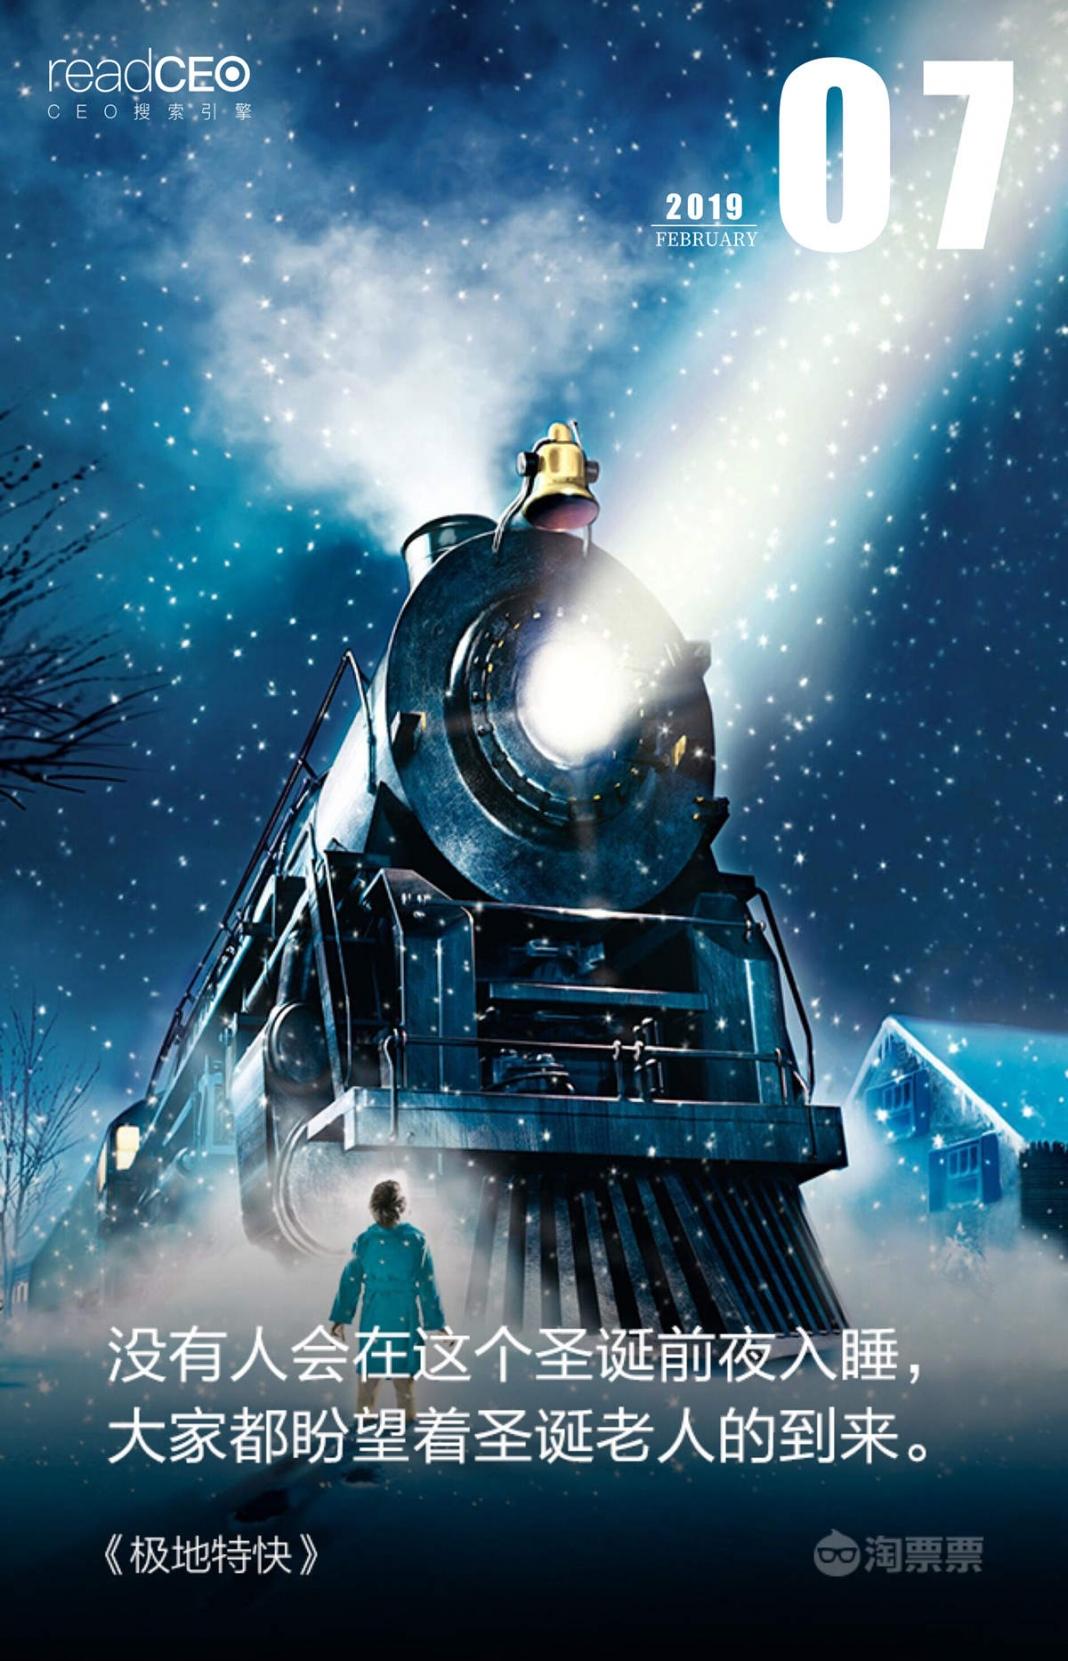 大家都盼望着圣诞老人的到来